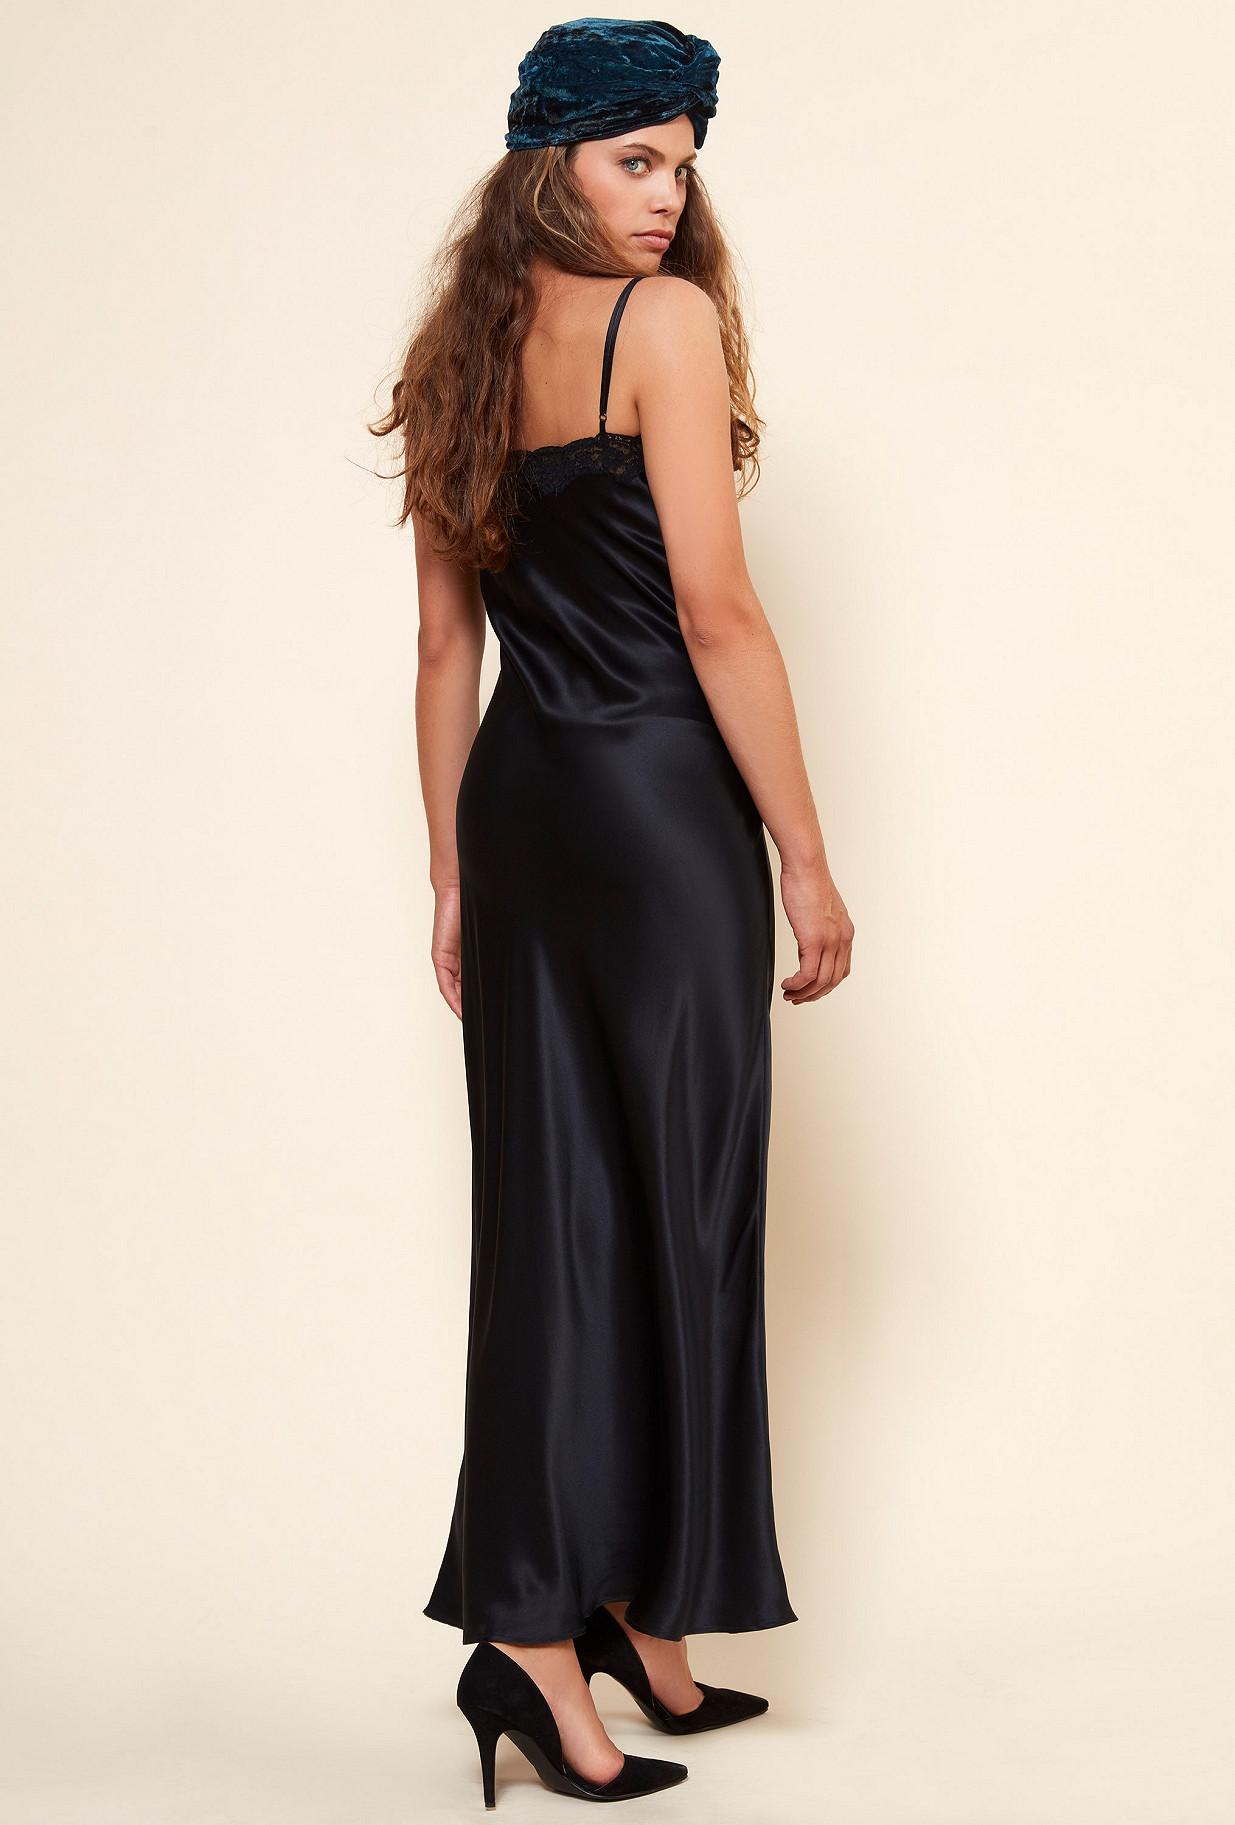 Robe Noir  Alicante mes demoiselles paris vêtement femme paris